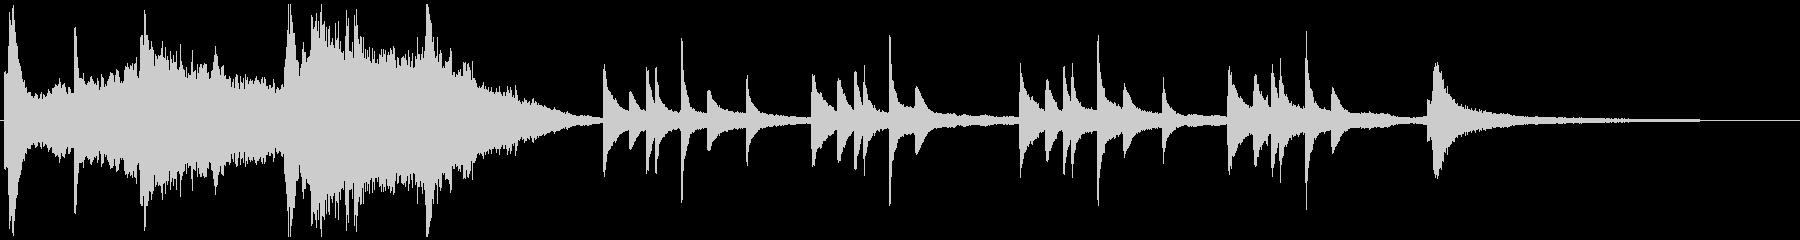 感動的なシーンの音楽(浮遊感あり)の未再生の波形